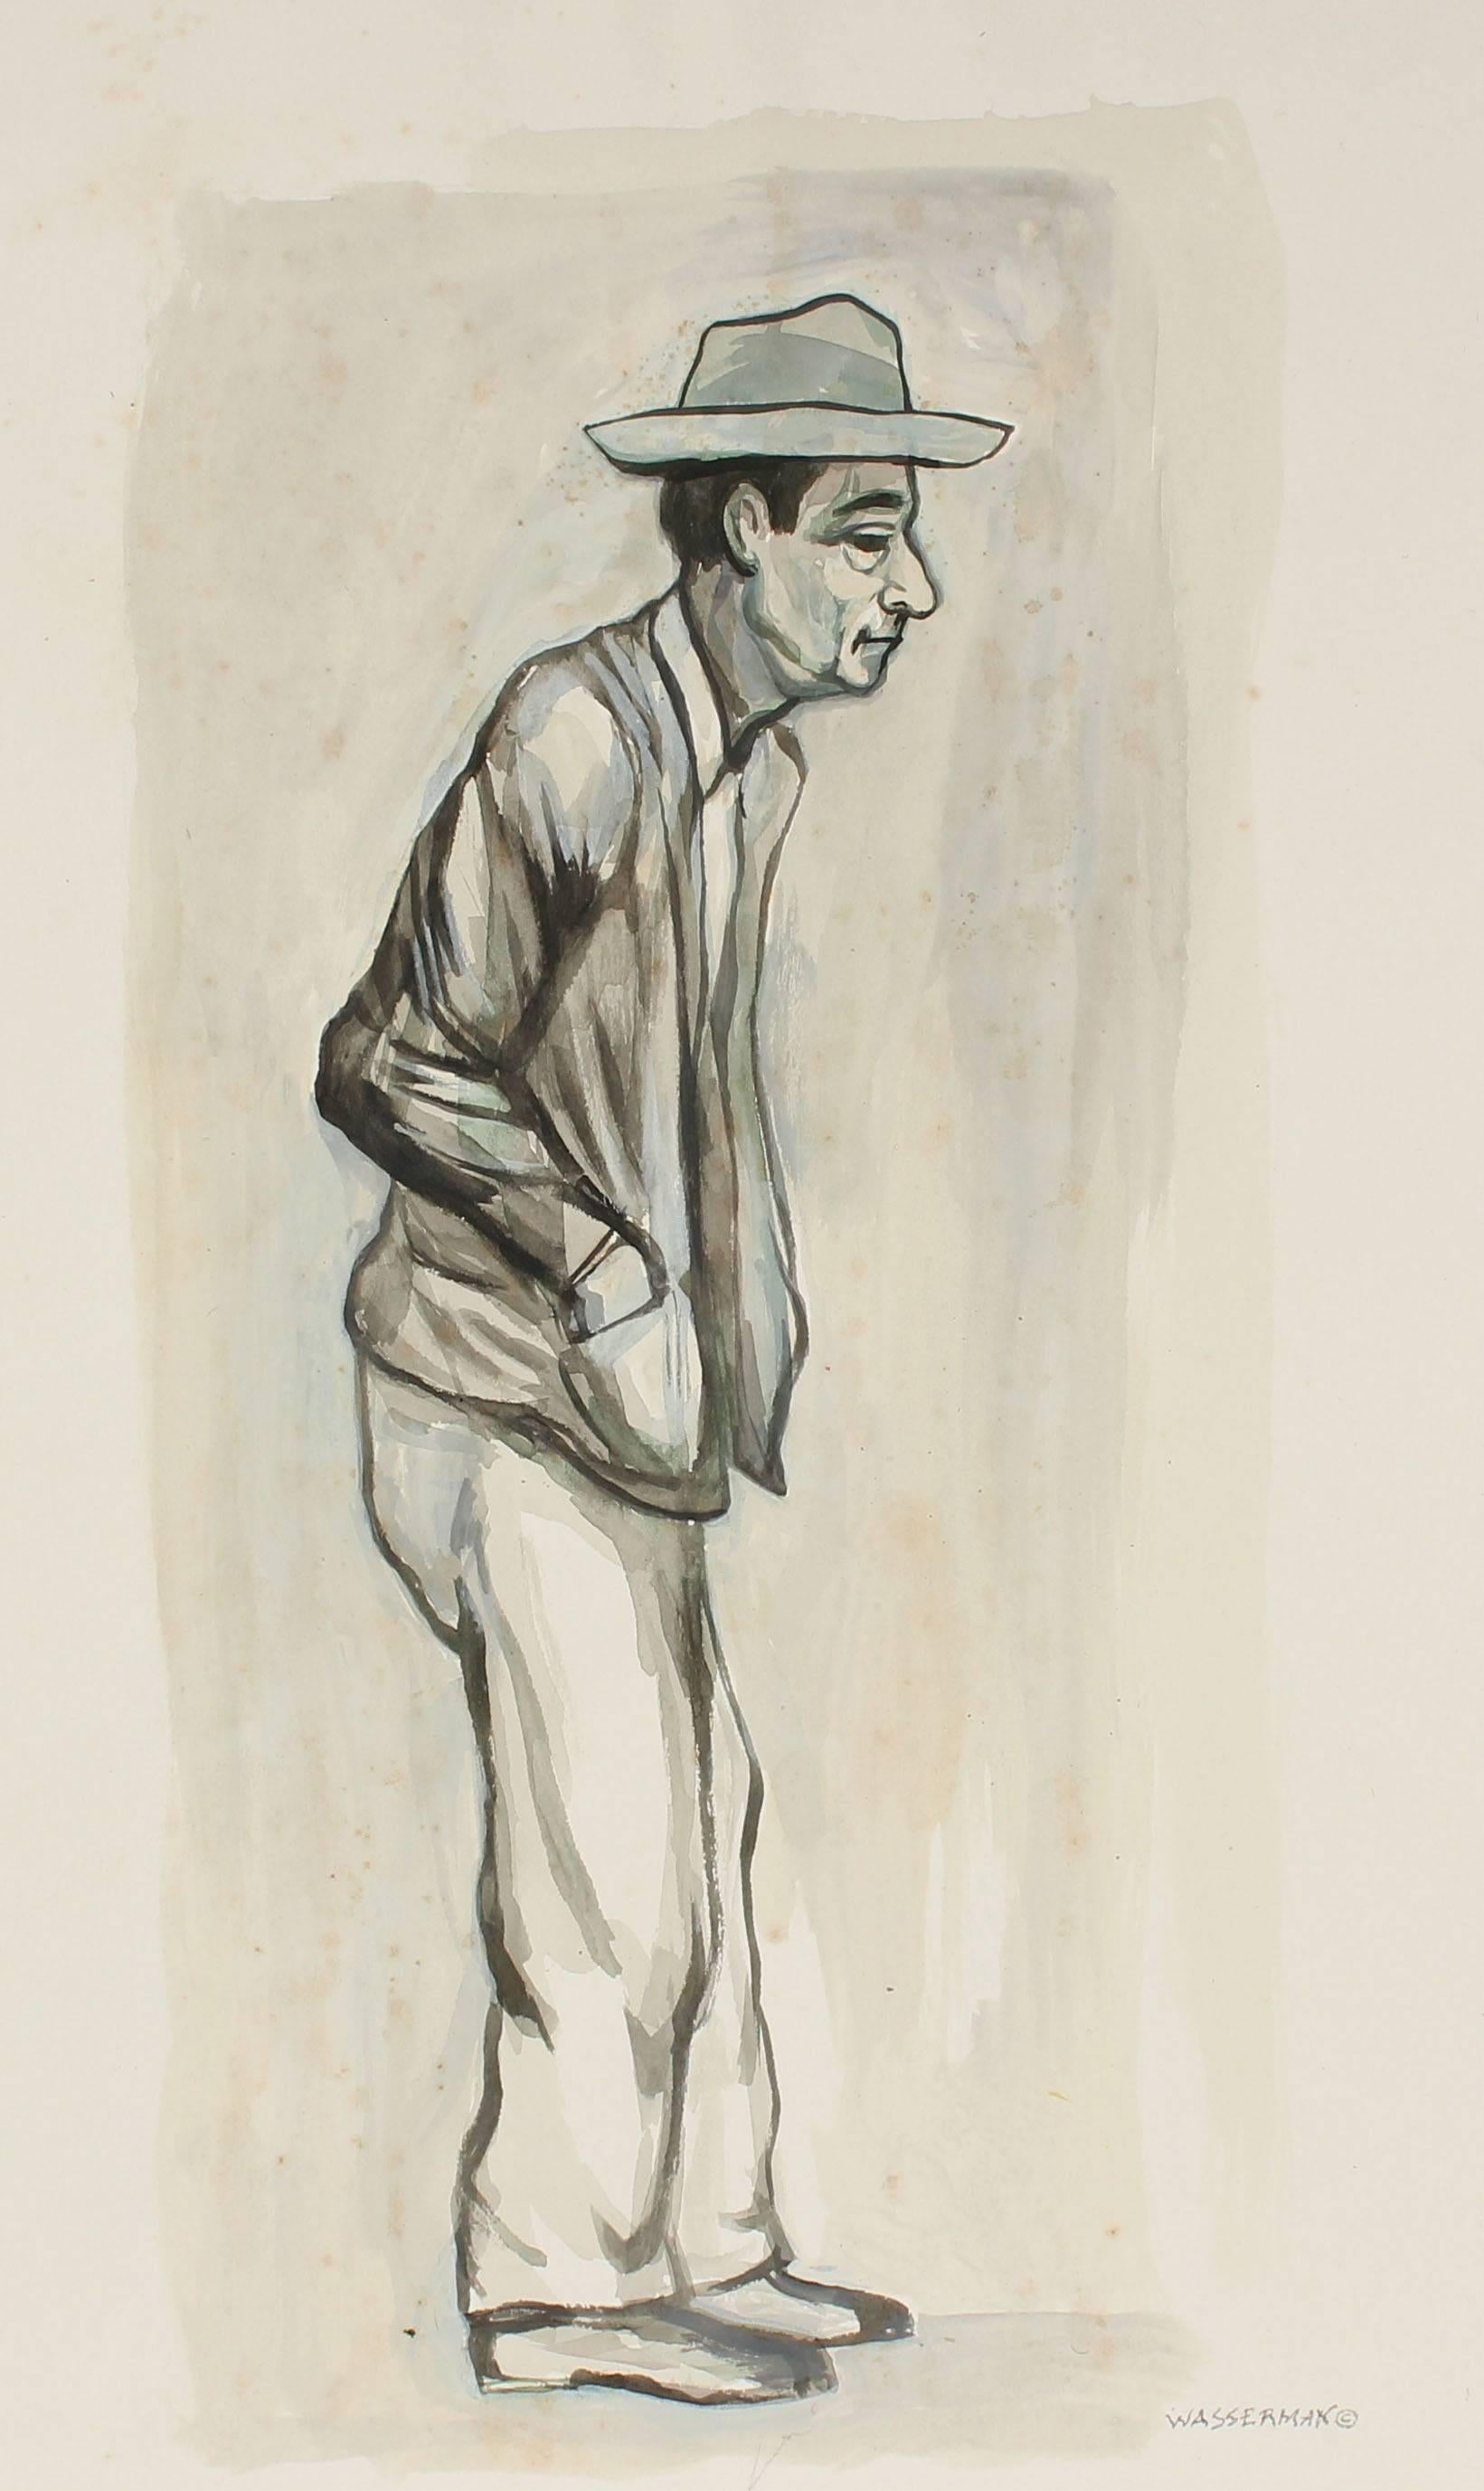 Expressionist Portrait in Gouache, Mexico, Circa 1947